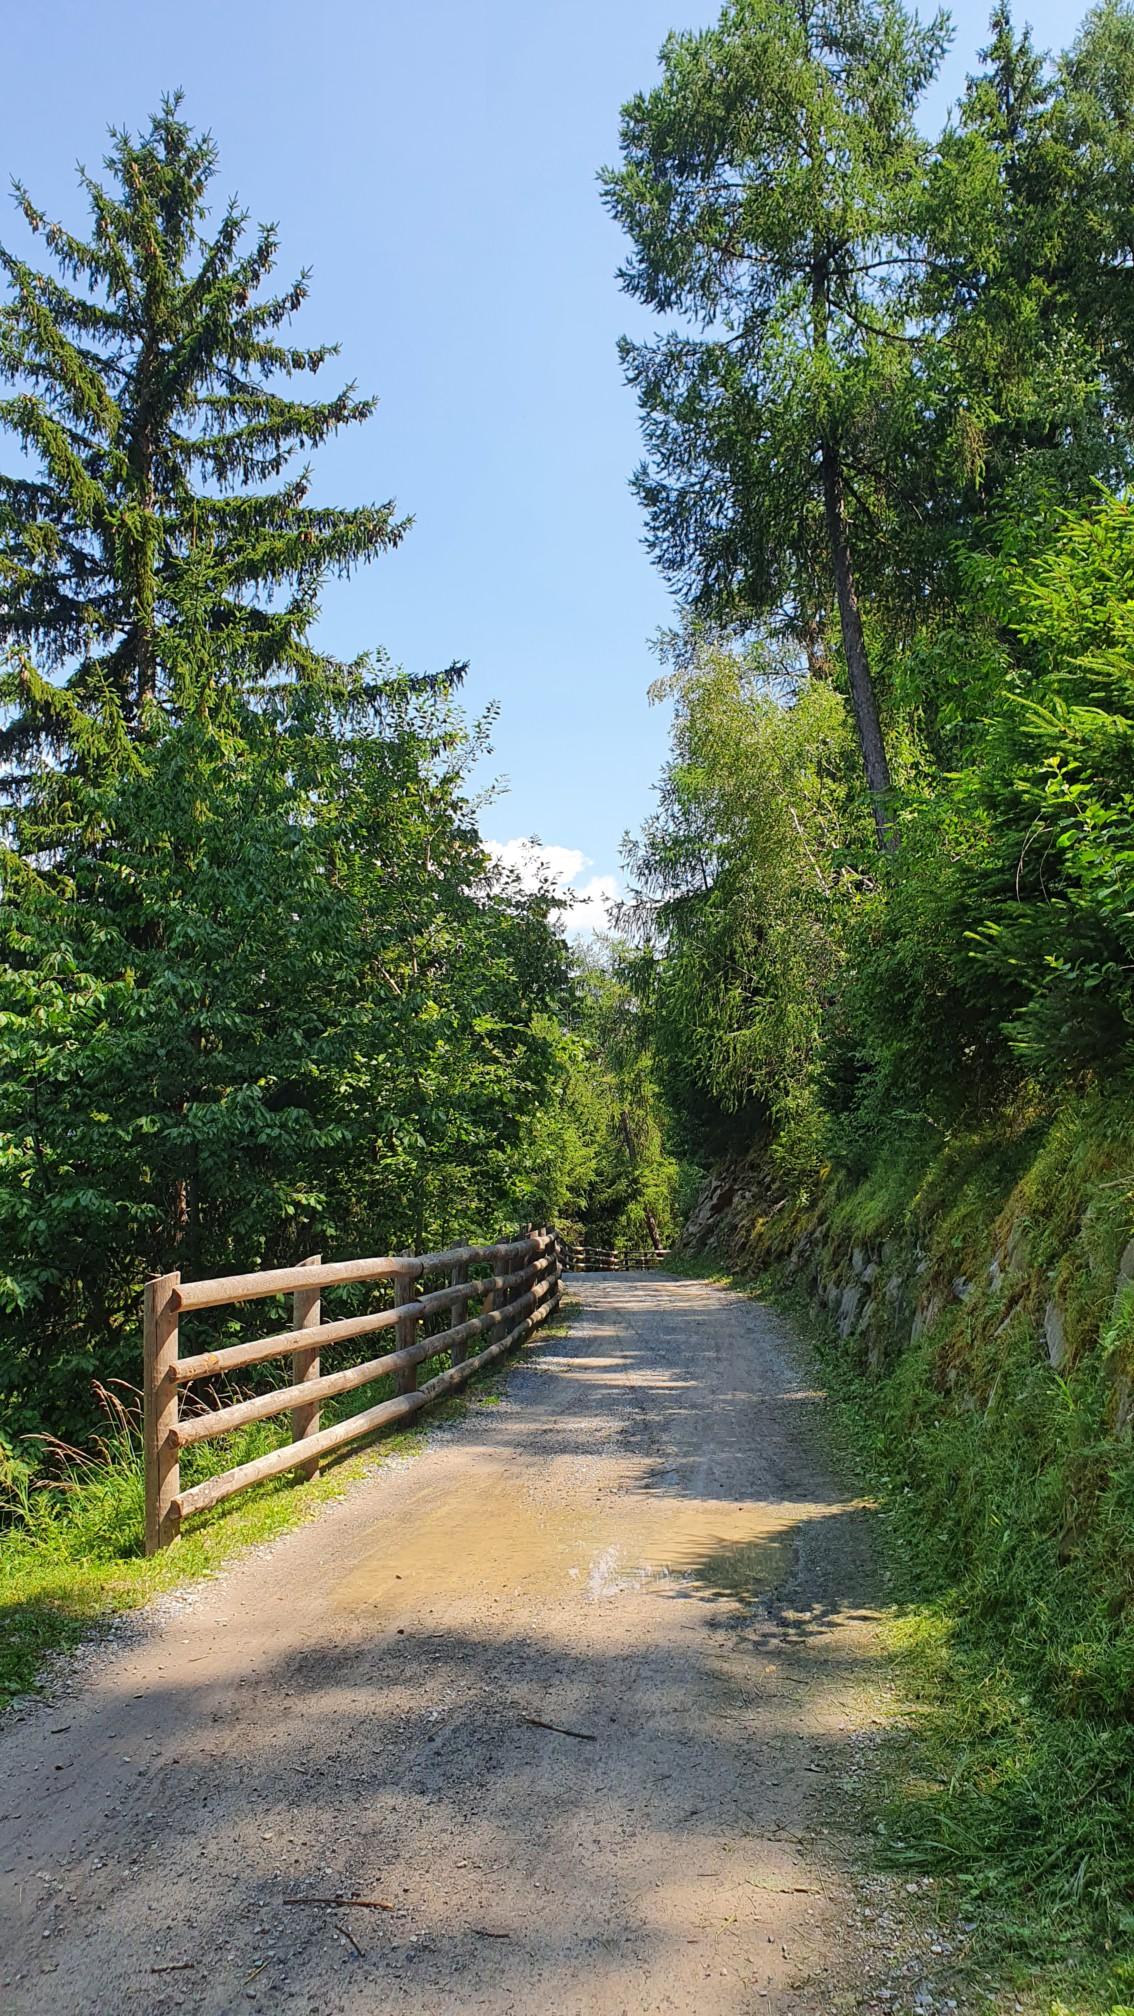 Bei Silandro (Schlansers) nördlich von Bozen